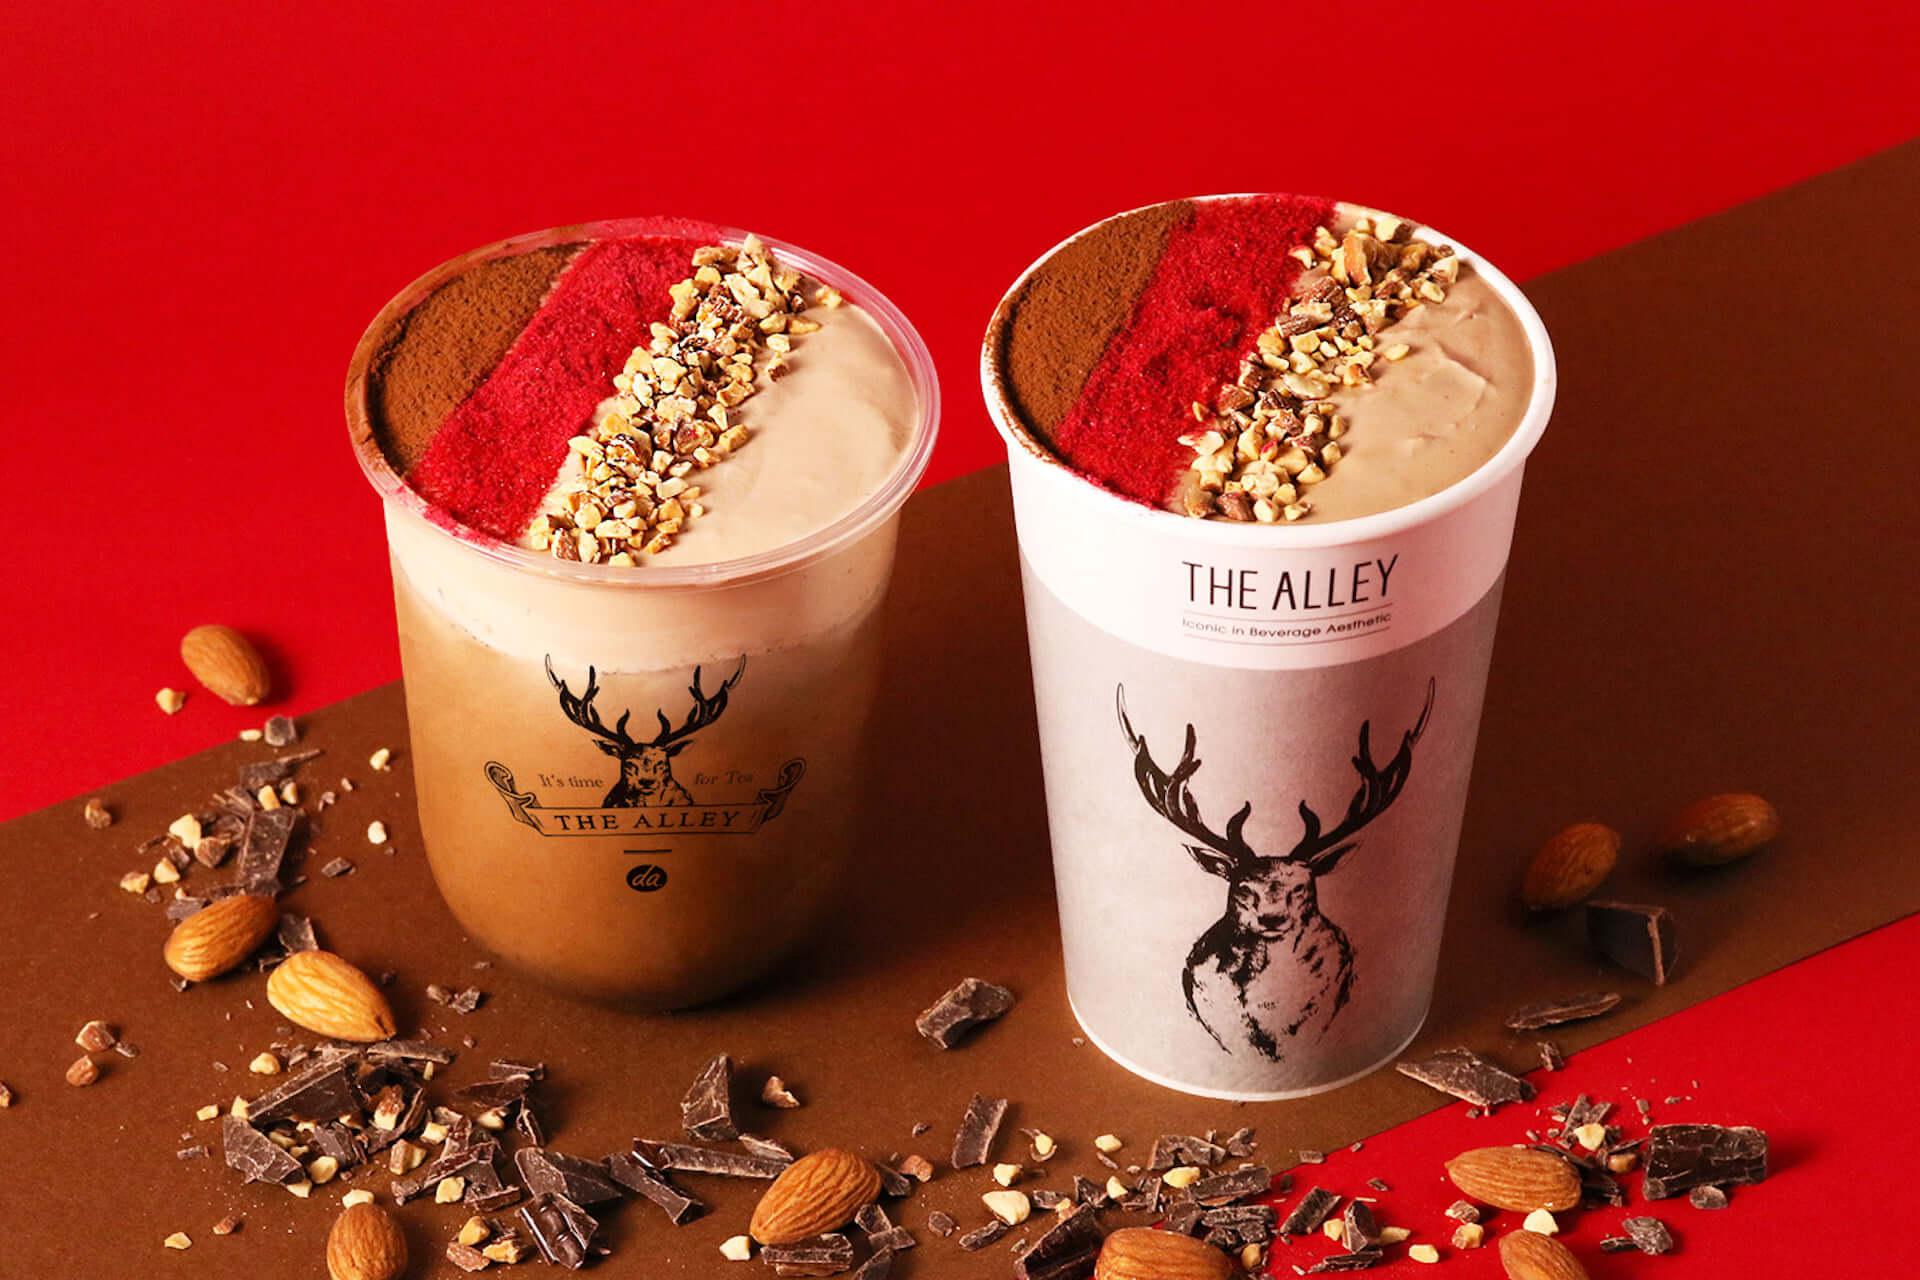 バレンタイン限定ドリンクの『ショコラキャラメルミルクティー』がTHE ALLEYで発売決定!ほっとするショコラティー仕立て gourmet210107_the-alley_3-1920x1280